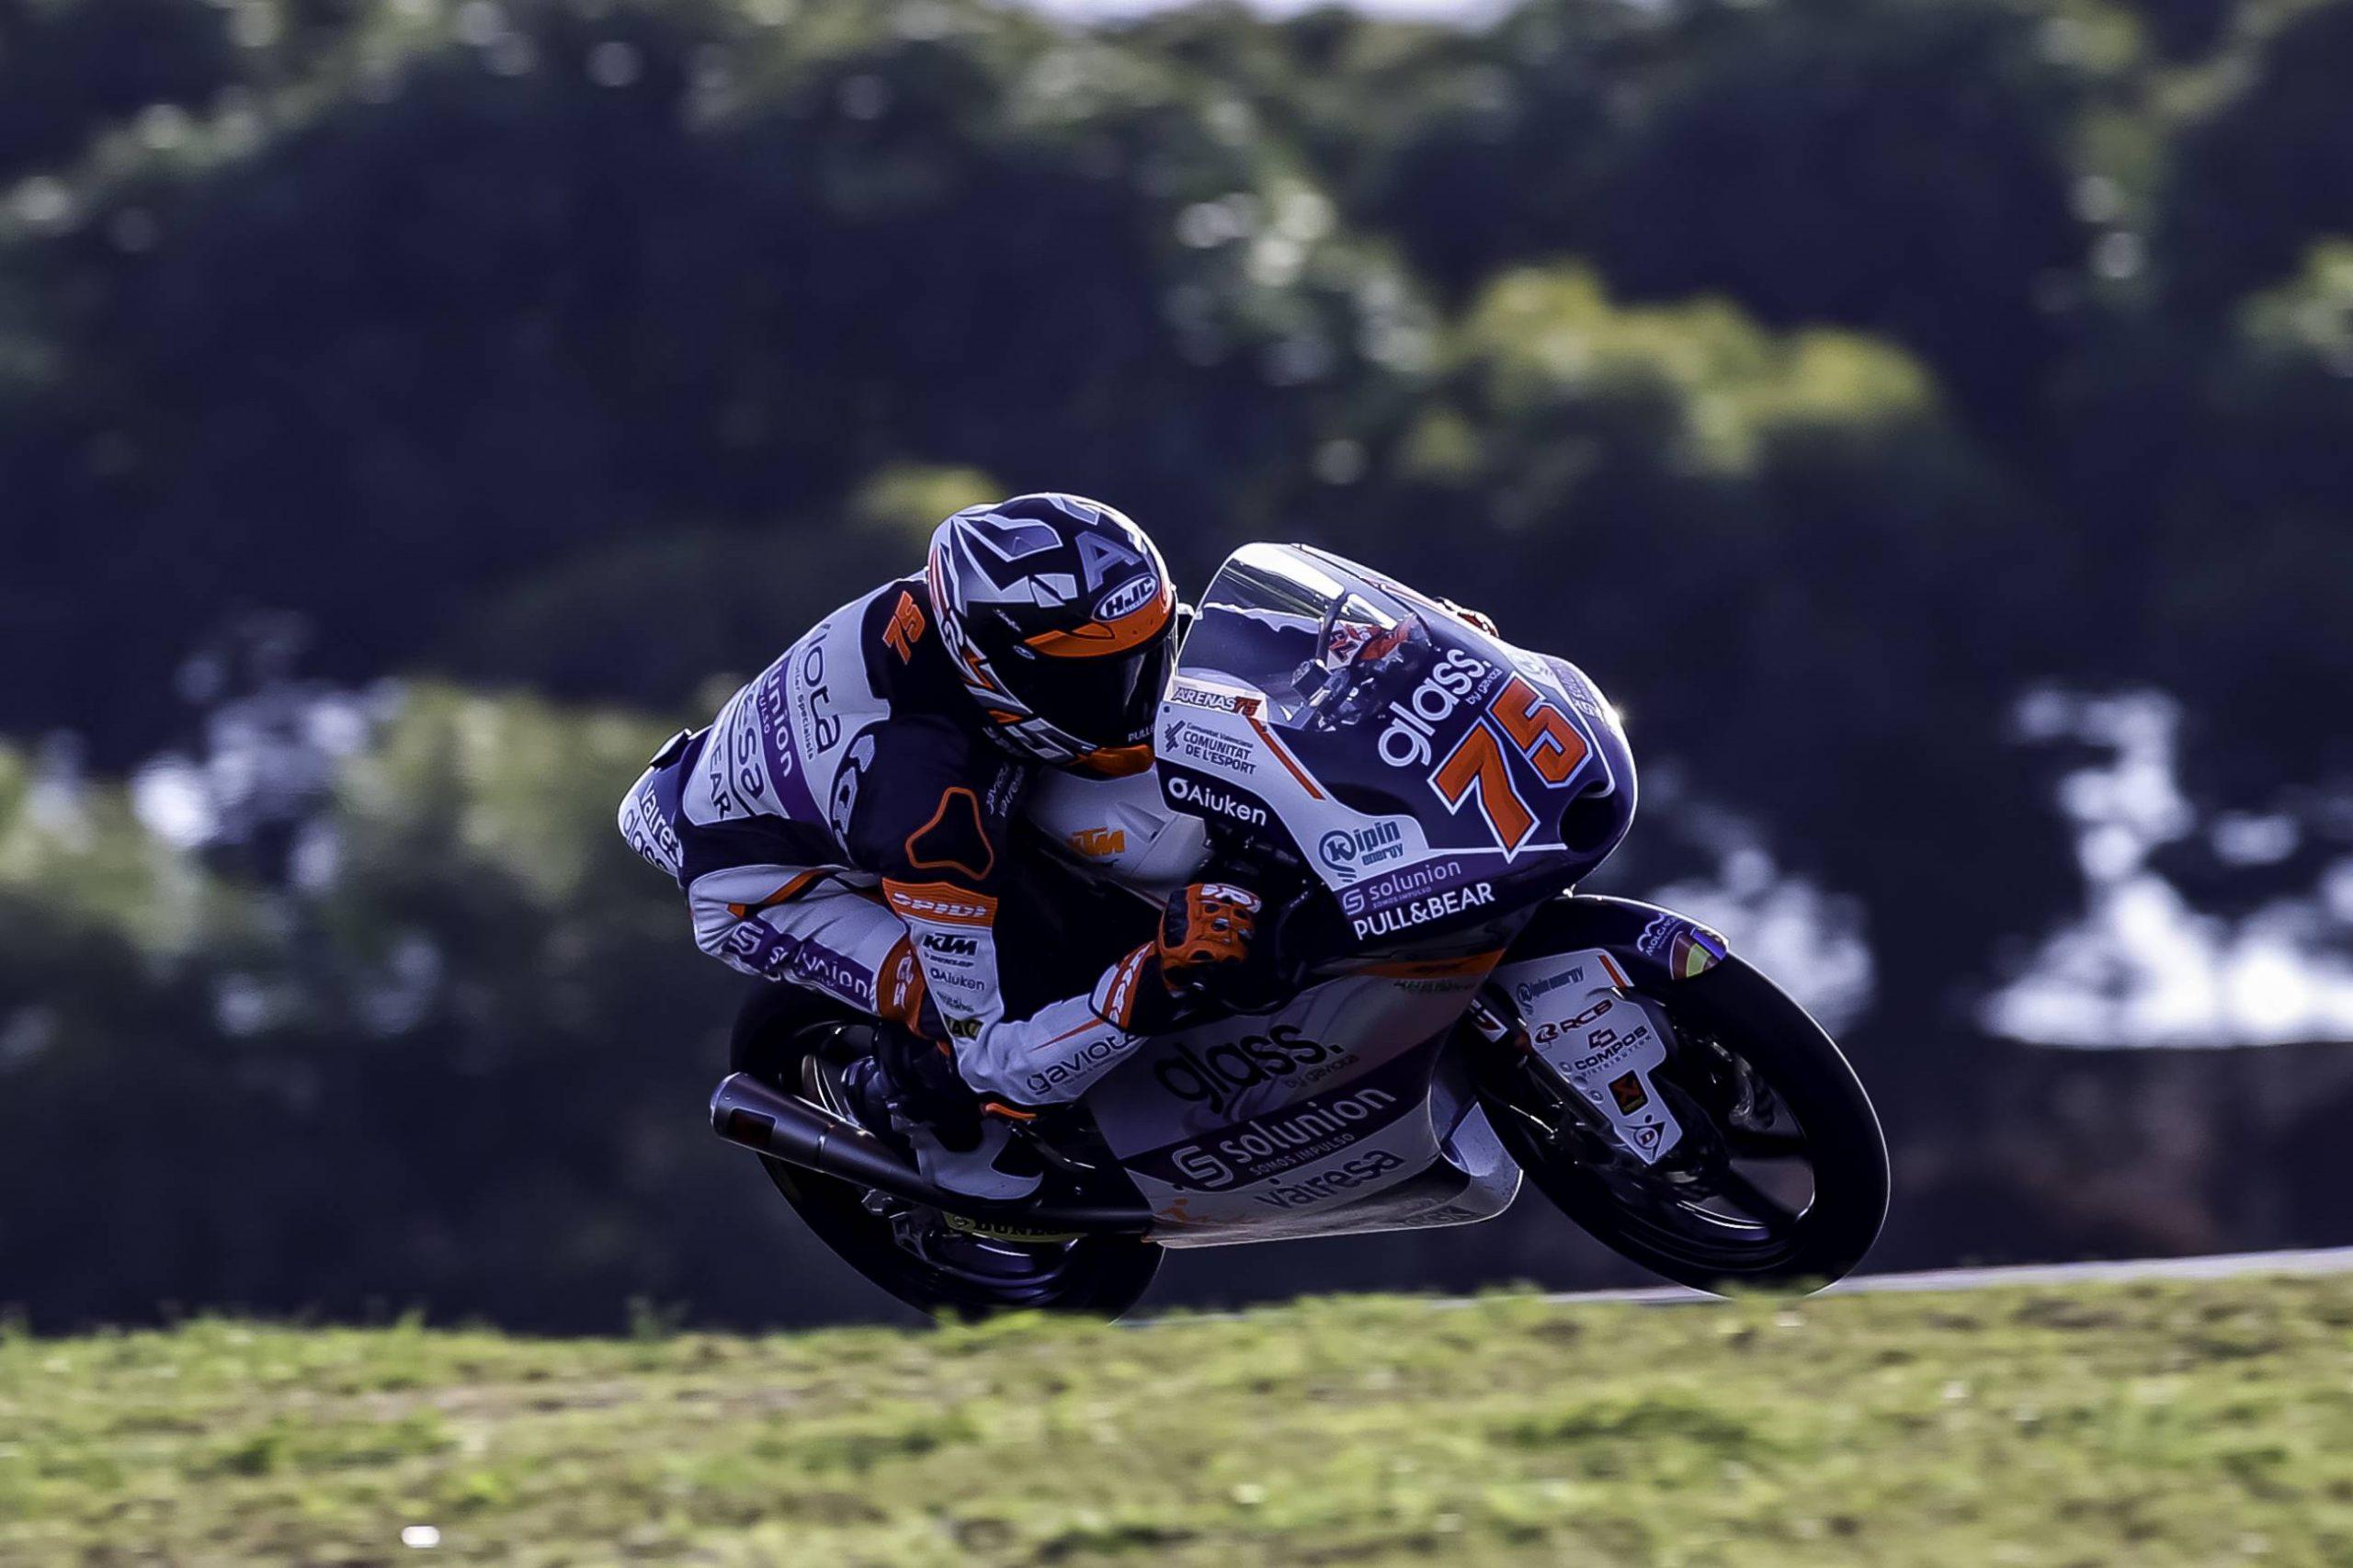 Albert Arenas se hace con el título tras una complicada carrera en Portugal